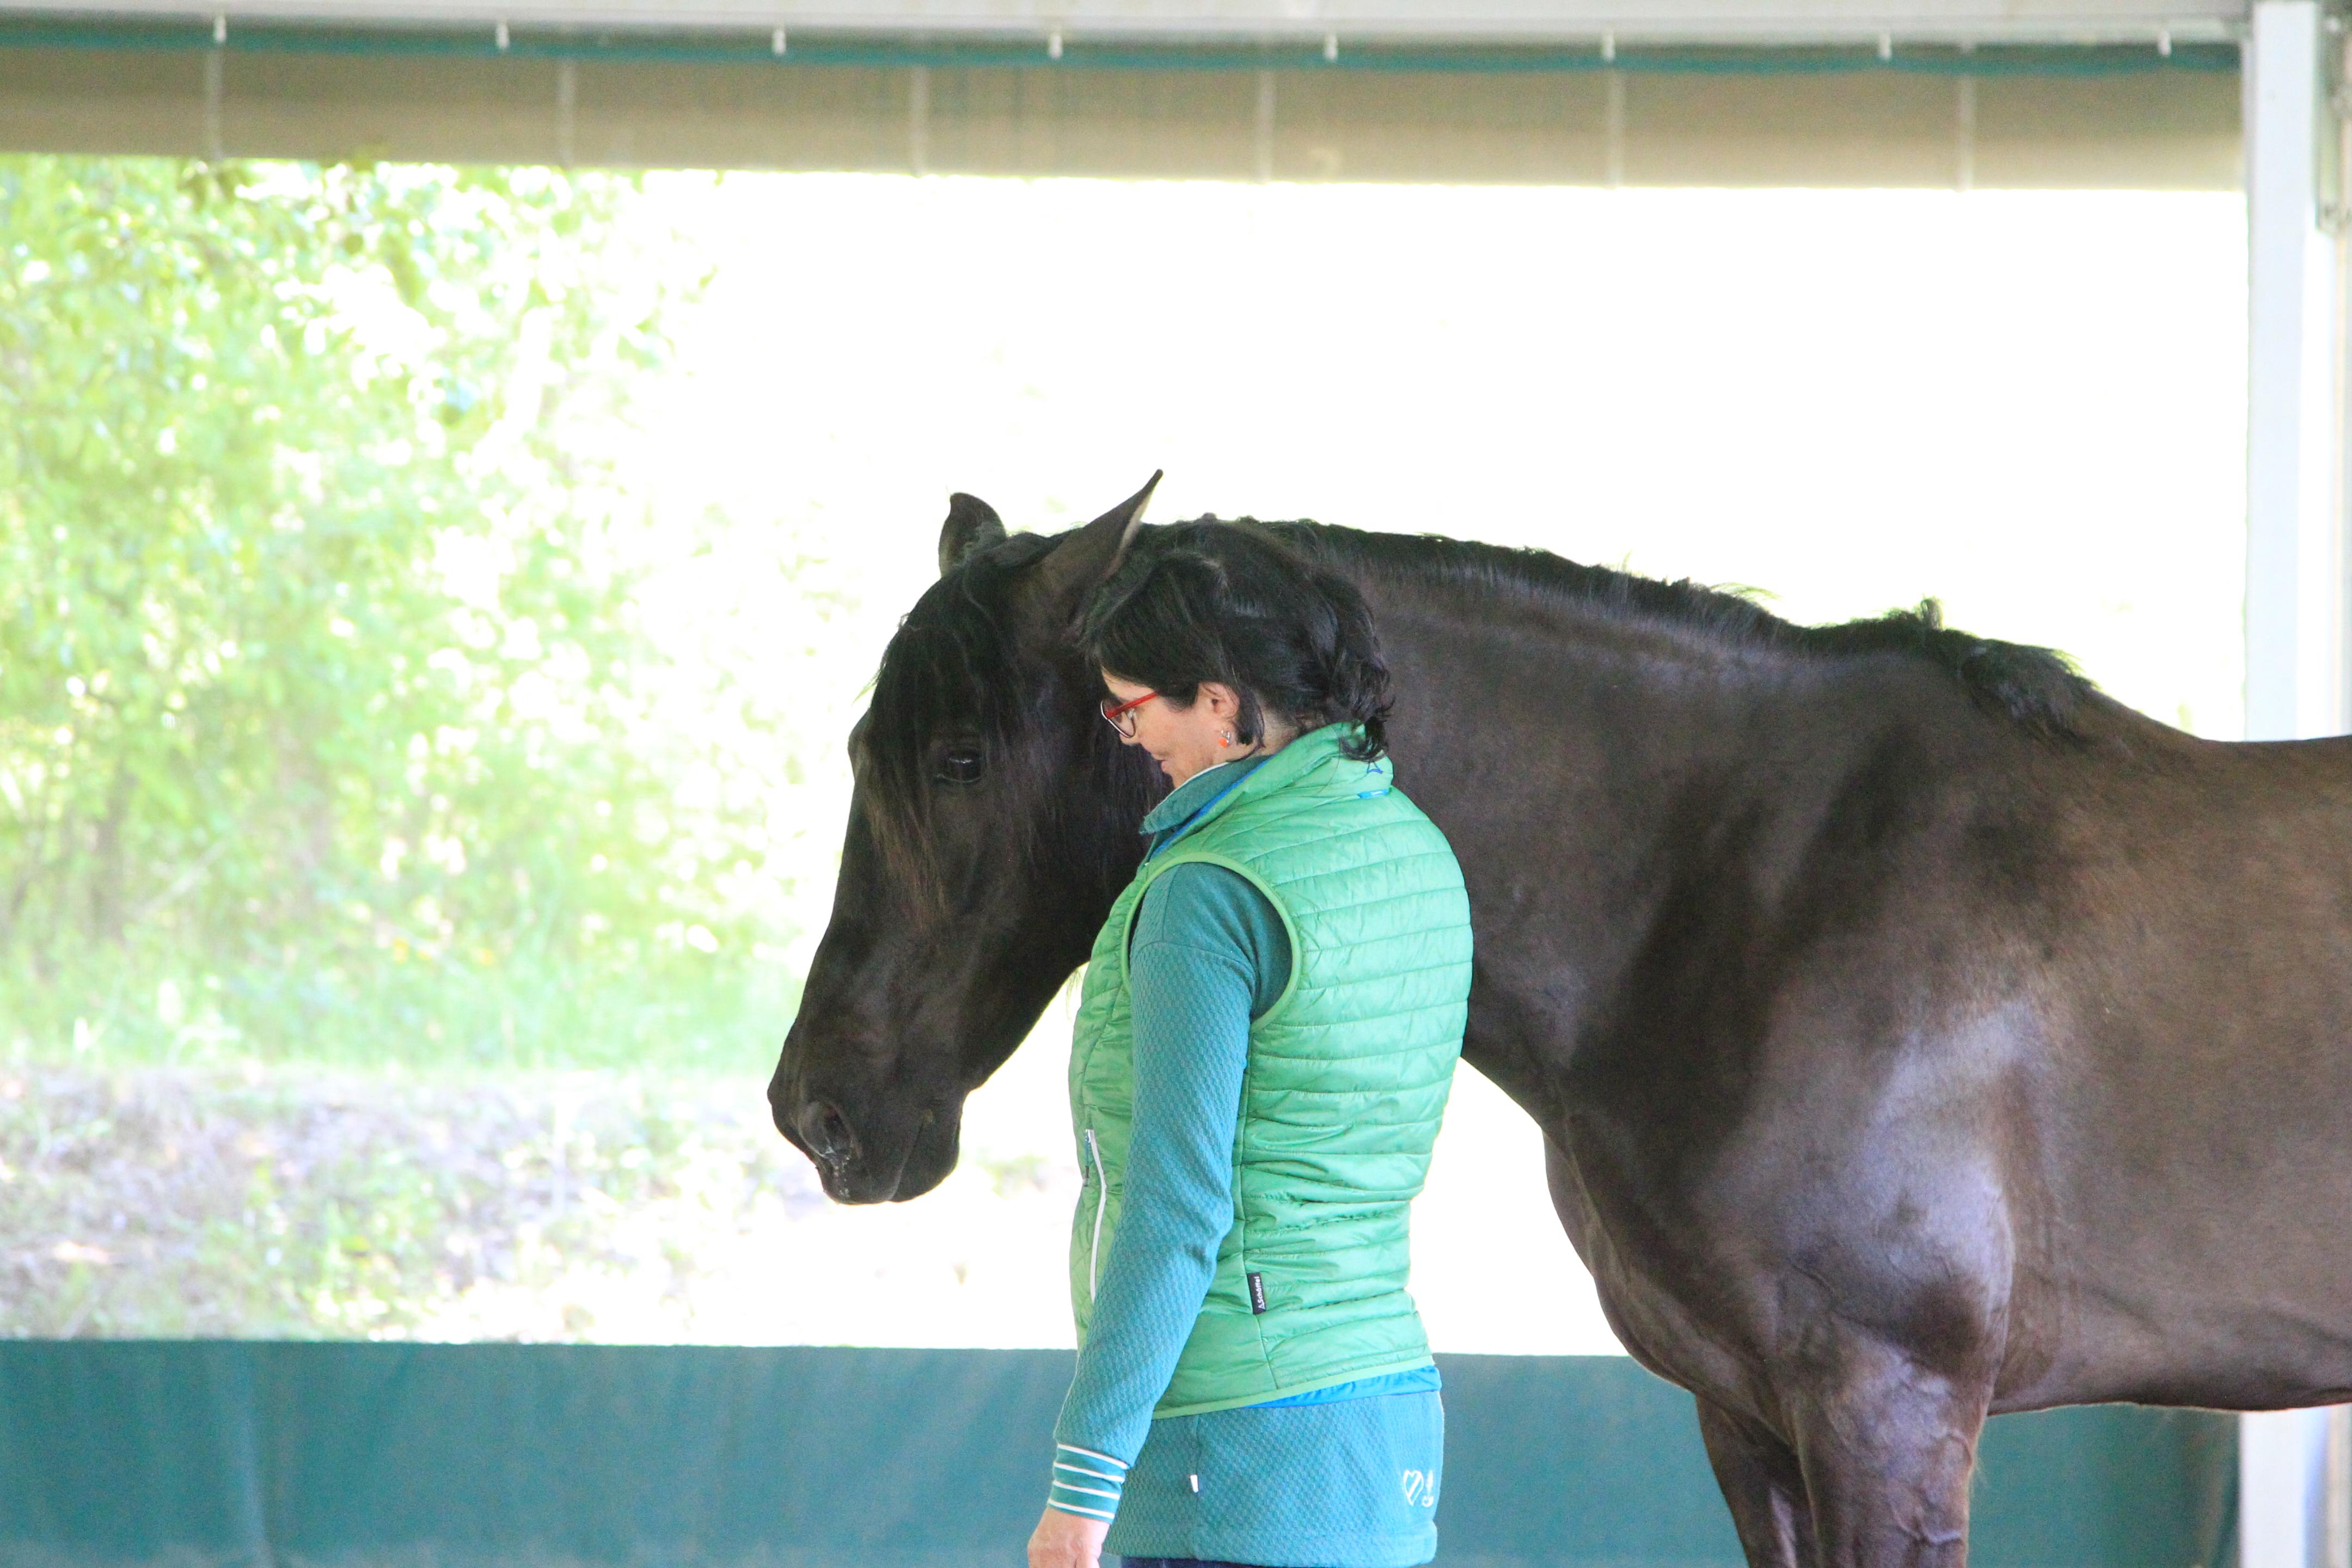 Mit dem Pferd kommunizieren